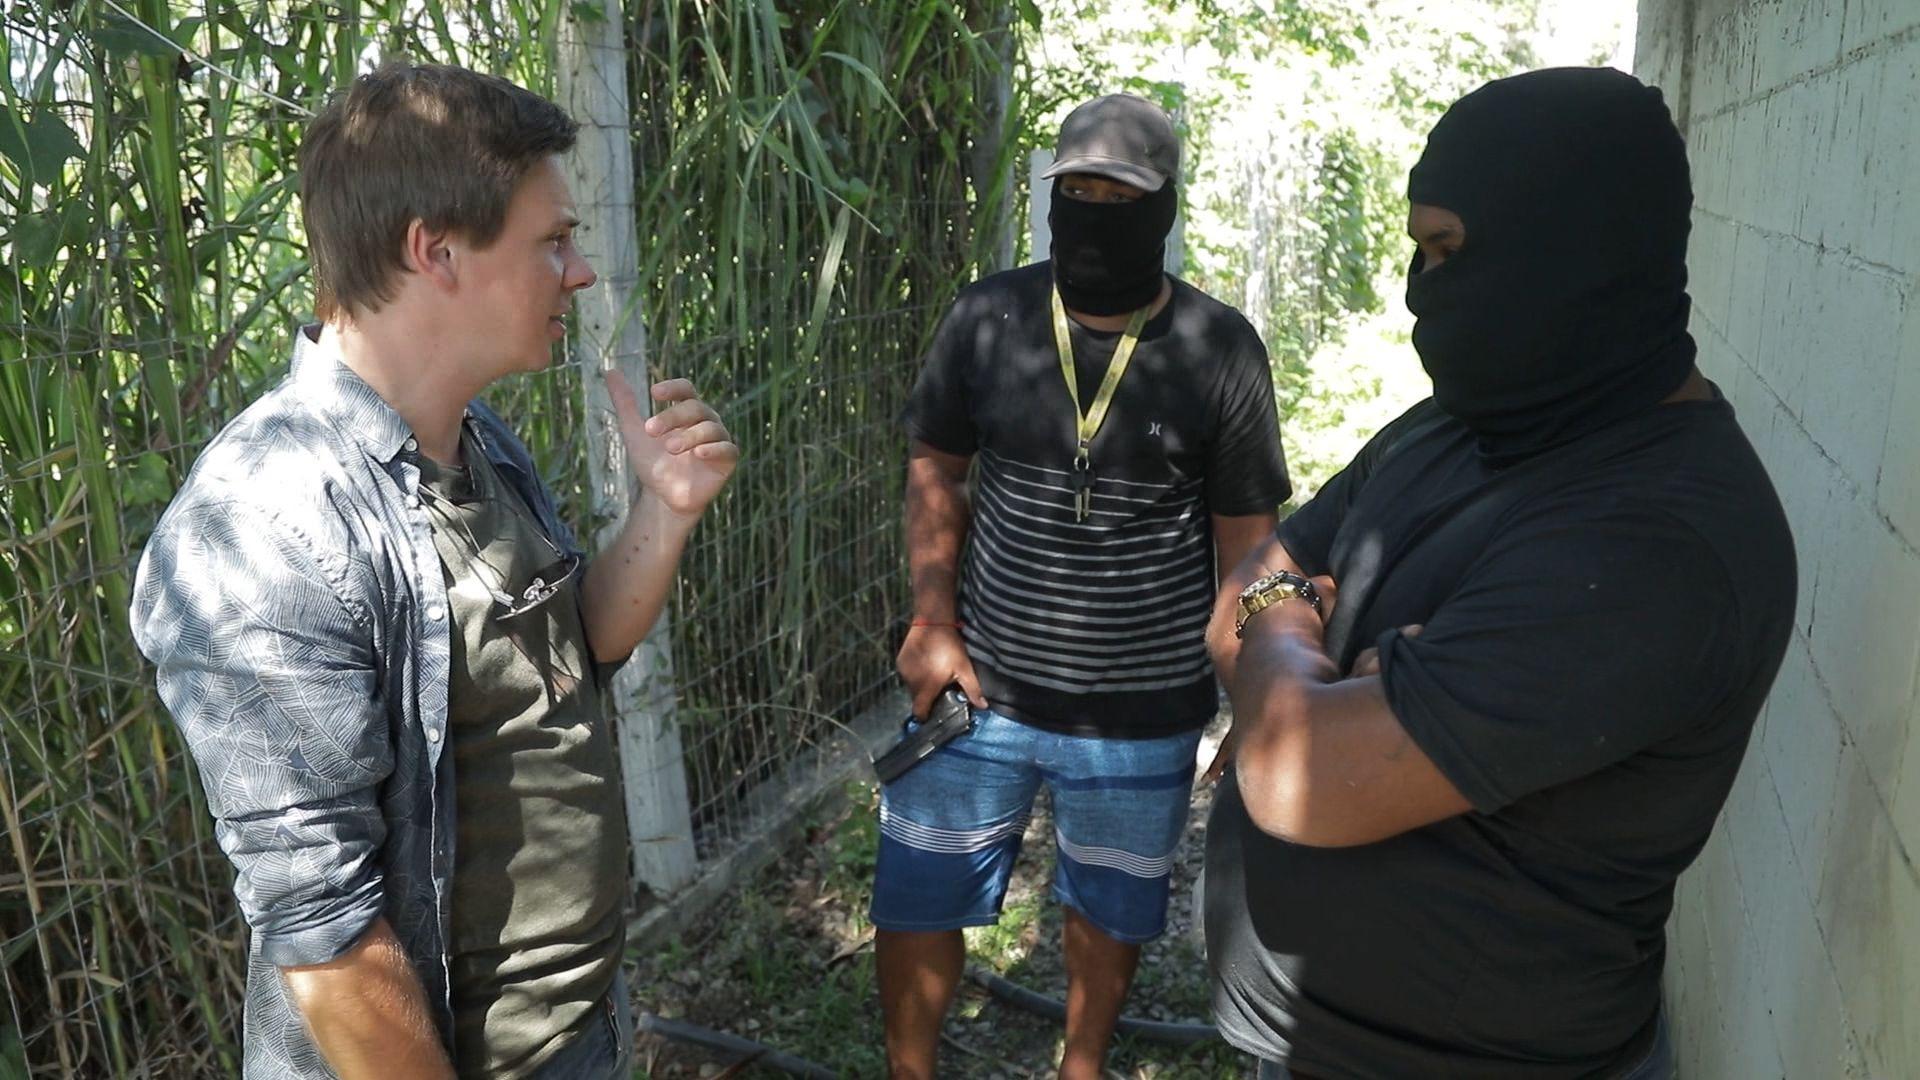 Они направили взведенное оружие к виску: Дмитрий Комаров попал в логово бразильской мафии в 2019 году